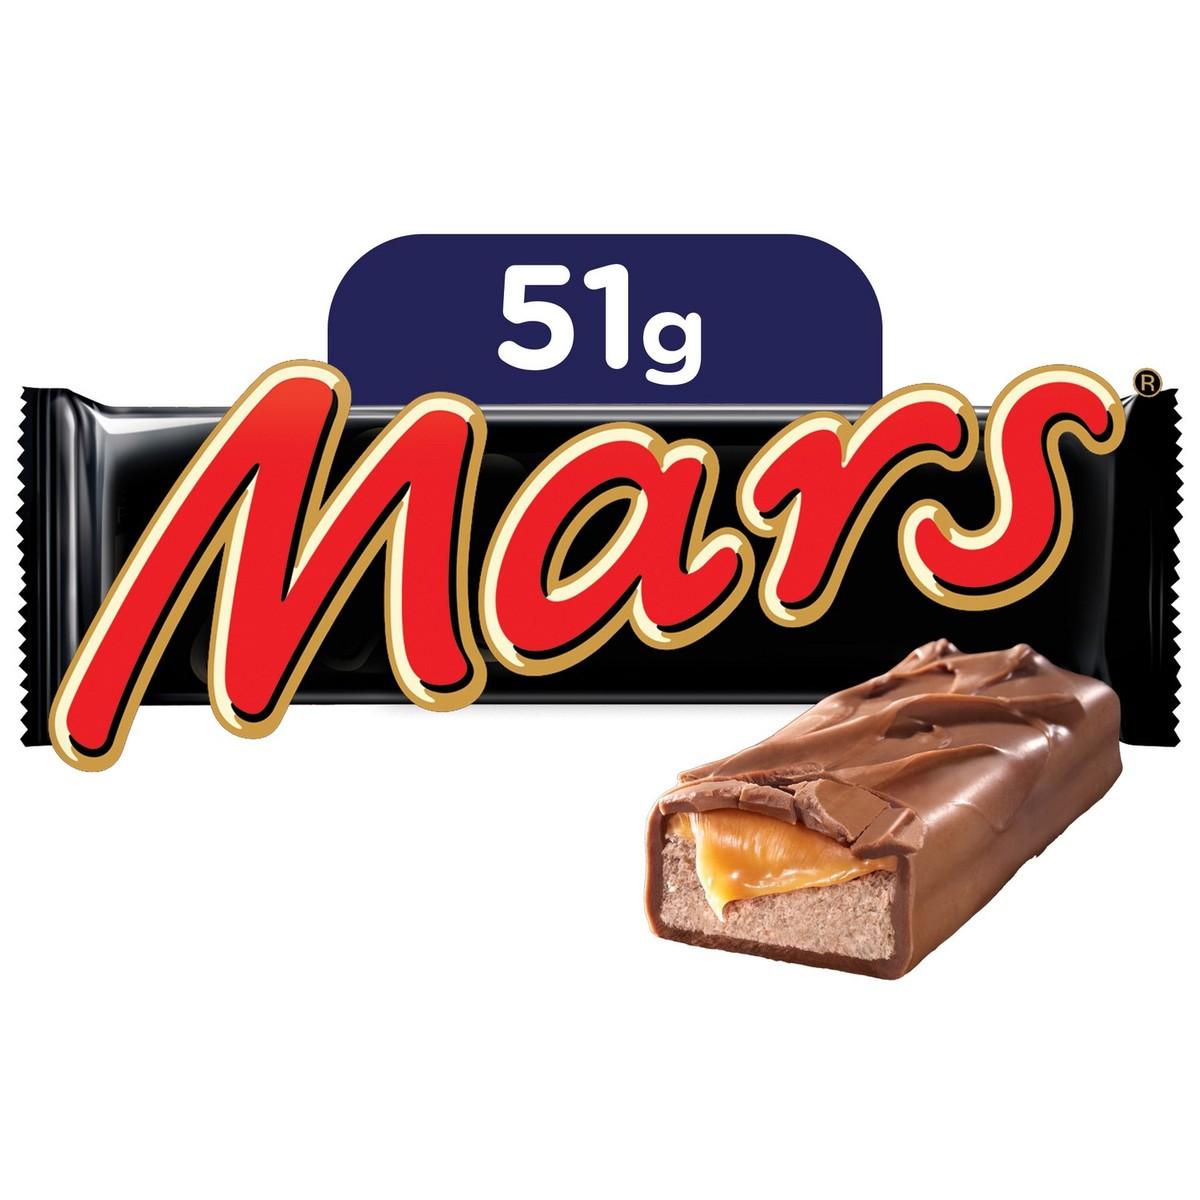 خرید شکلات خارجی اصل با قیمت عمده ای